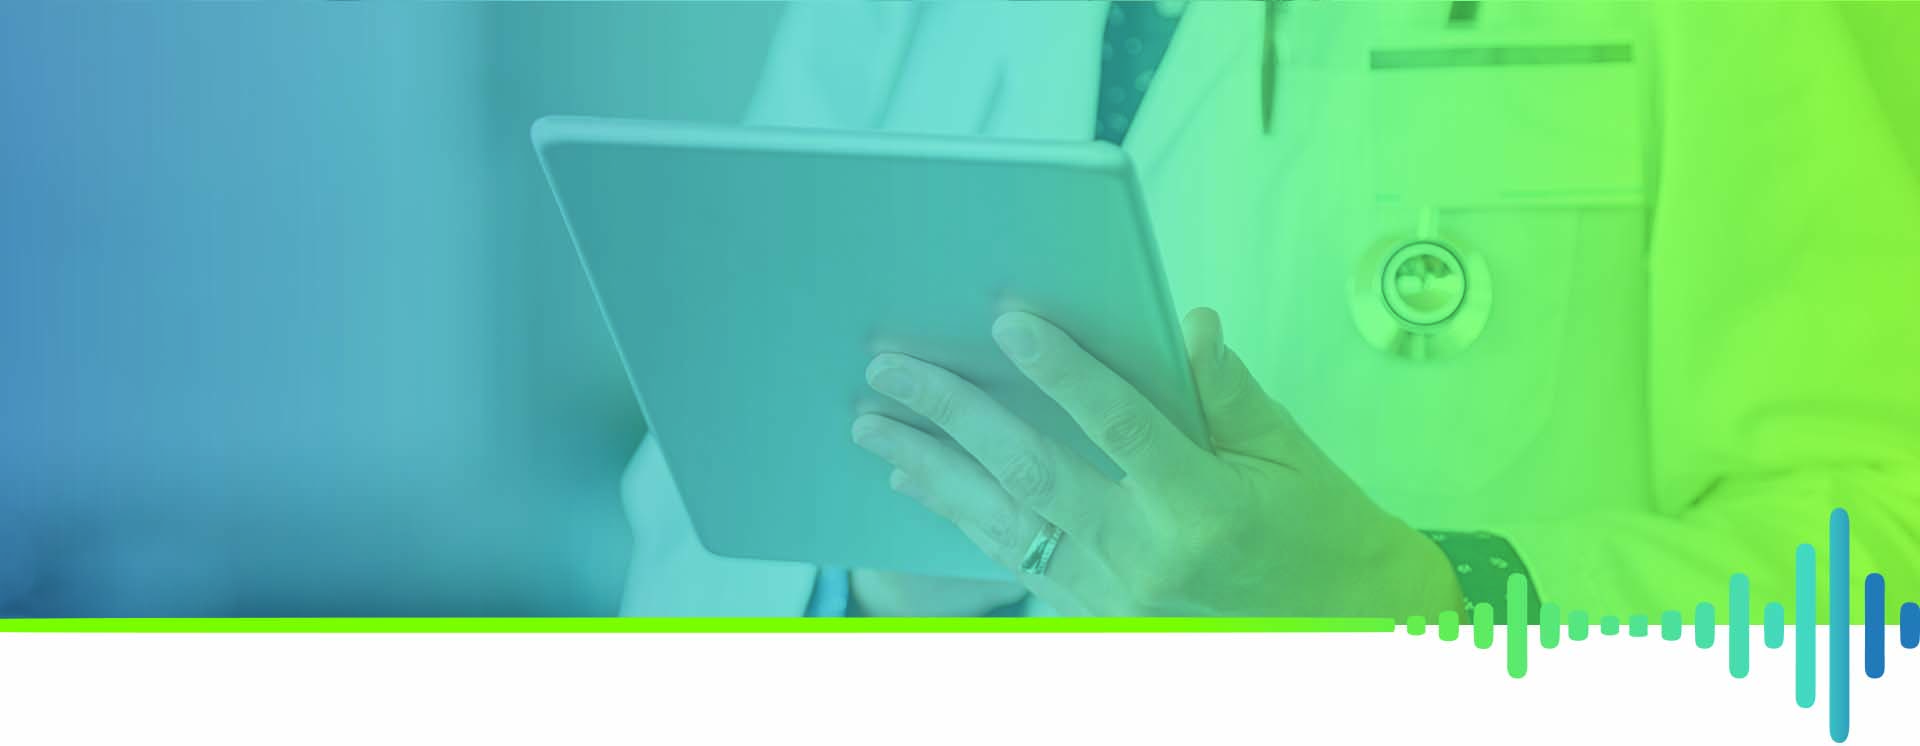 Kronauer-Software-Header-fuer-medizin